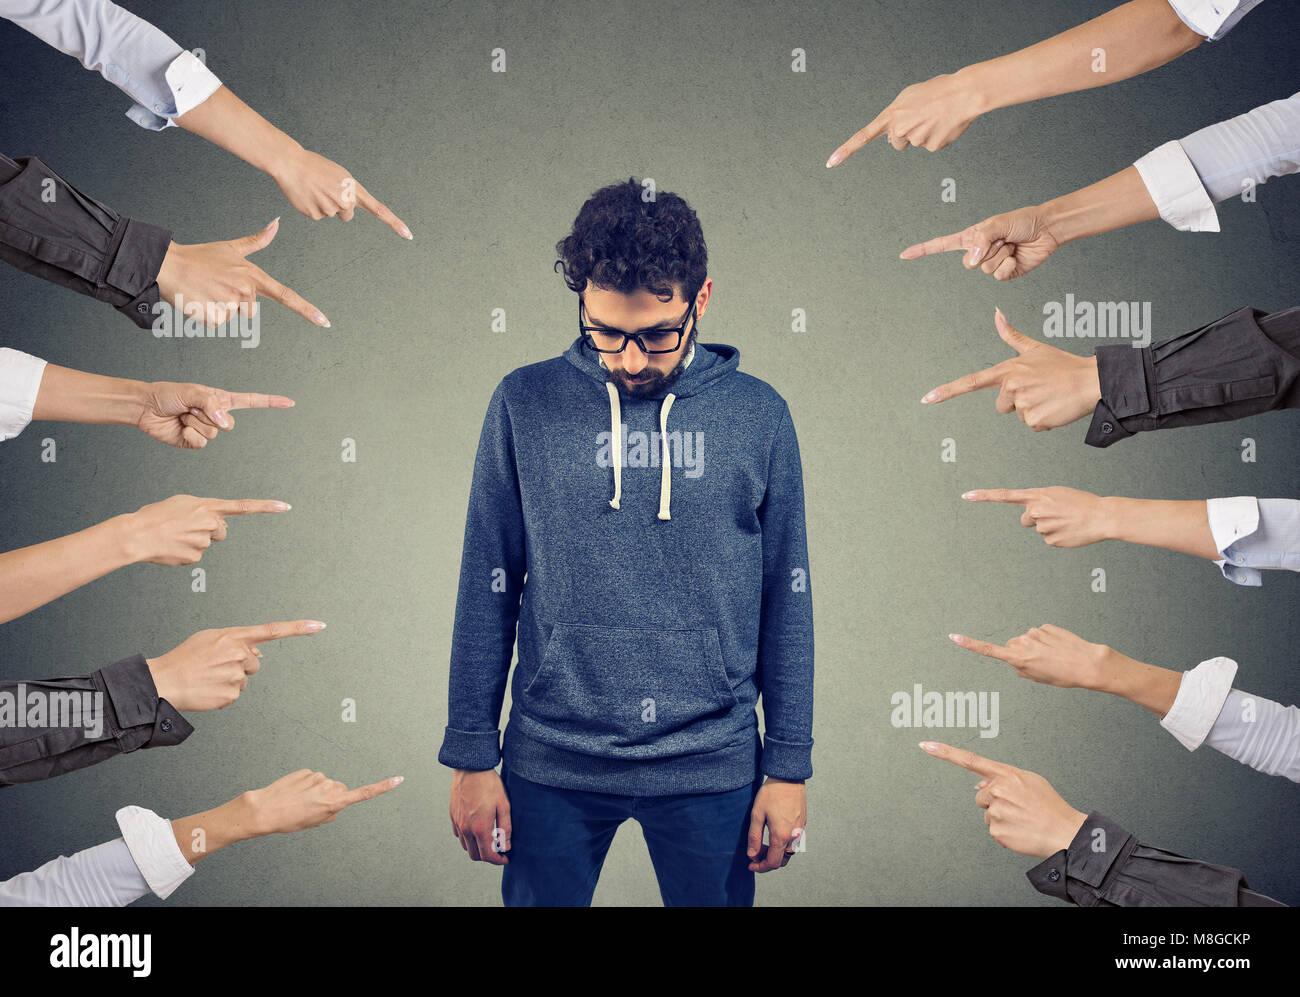 Viel Erntegut Hände Finger an junge Mann schuldig und introvertiert Gefühl zeigt. Stockbild